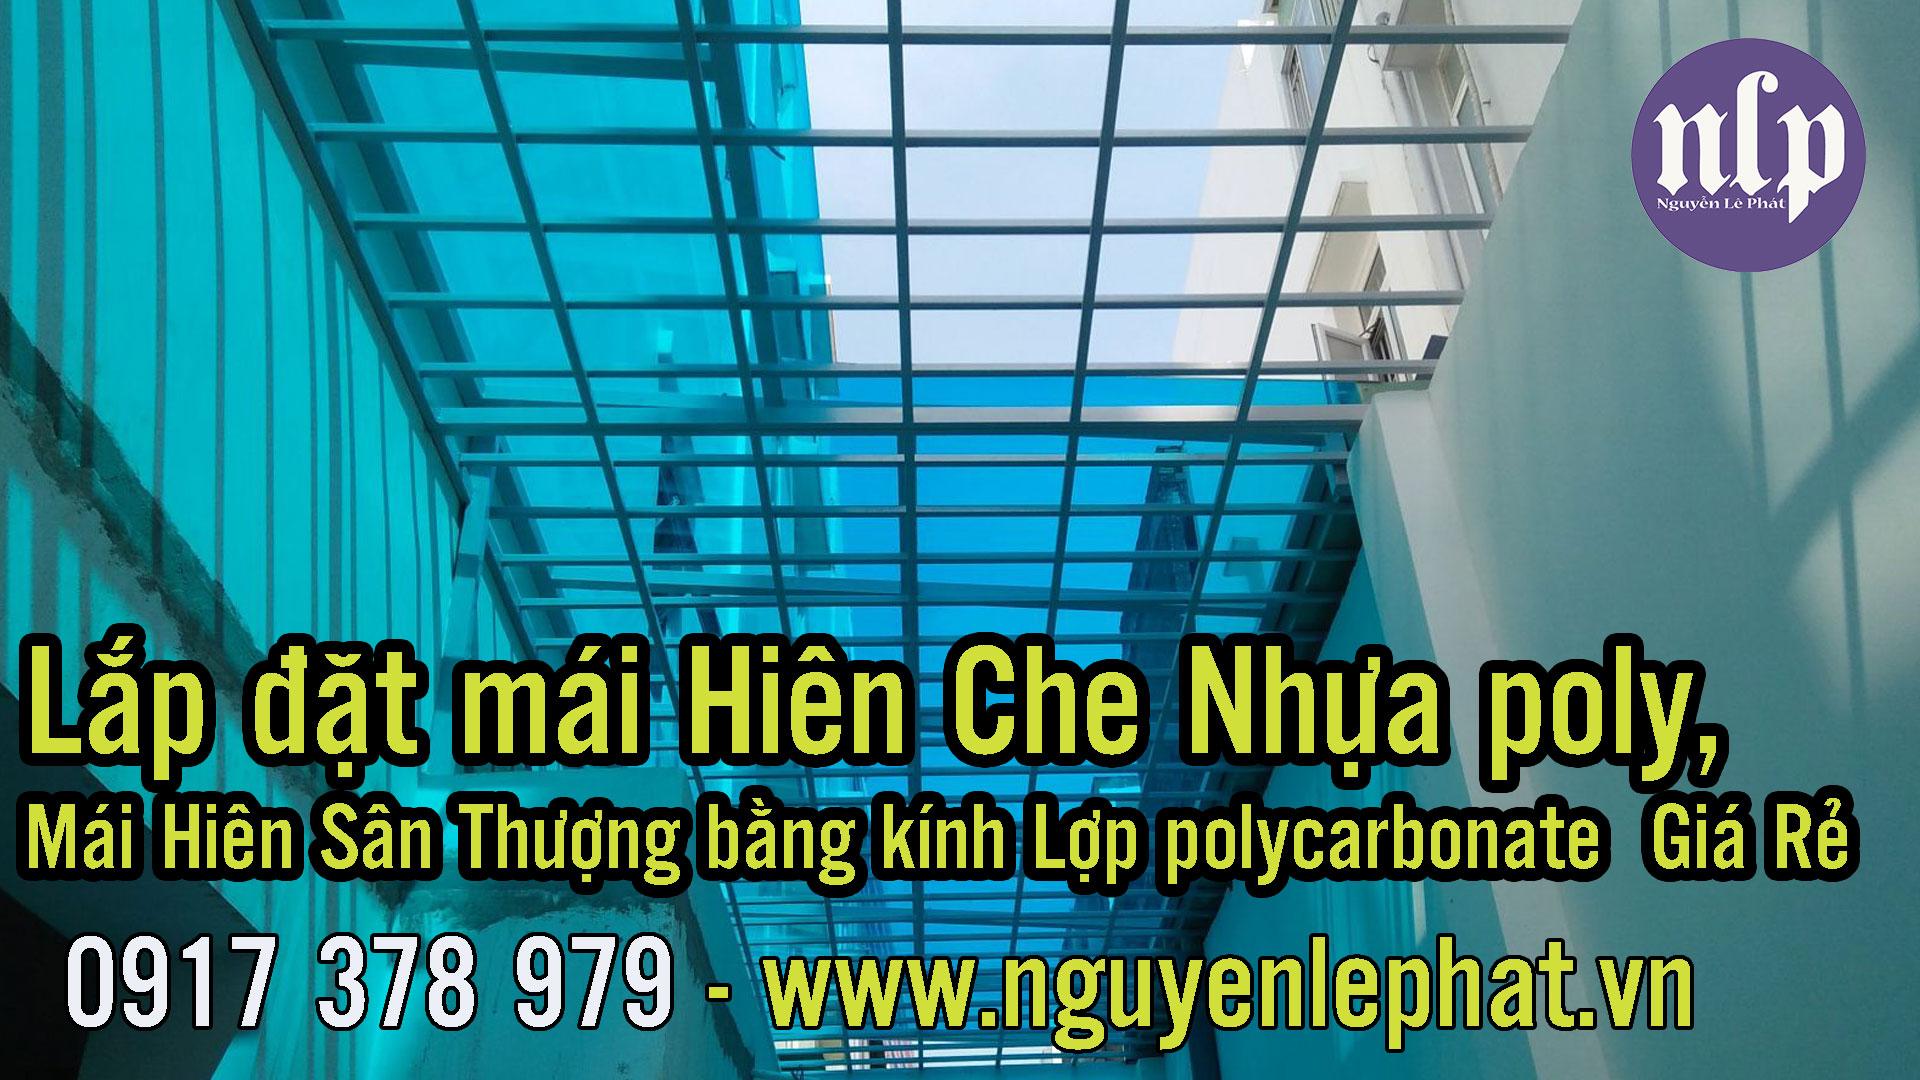 Báo giá thi công tấm lợp nhựa poly, Làm mái che lấy sáng giá rẻ uy tín tại TPHCM Bình Dương Biên Hòa